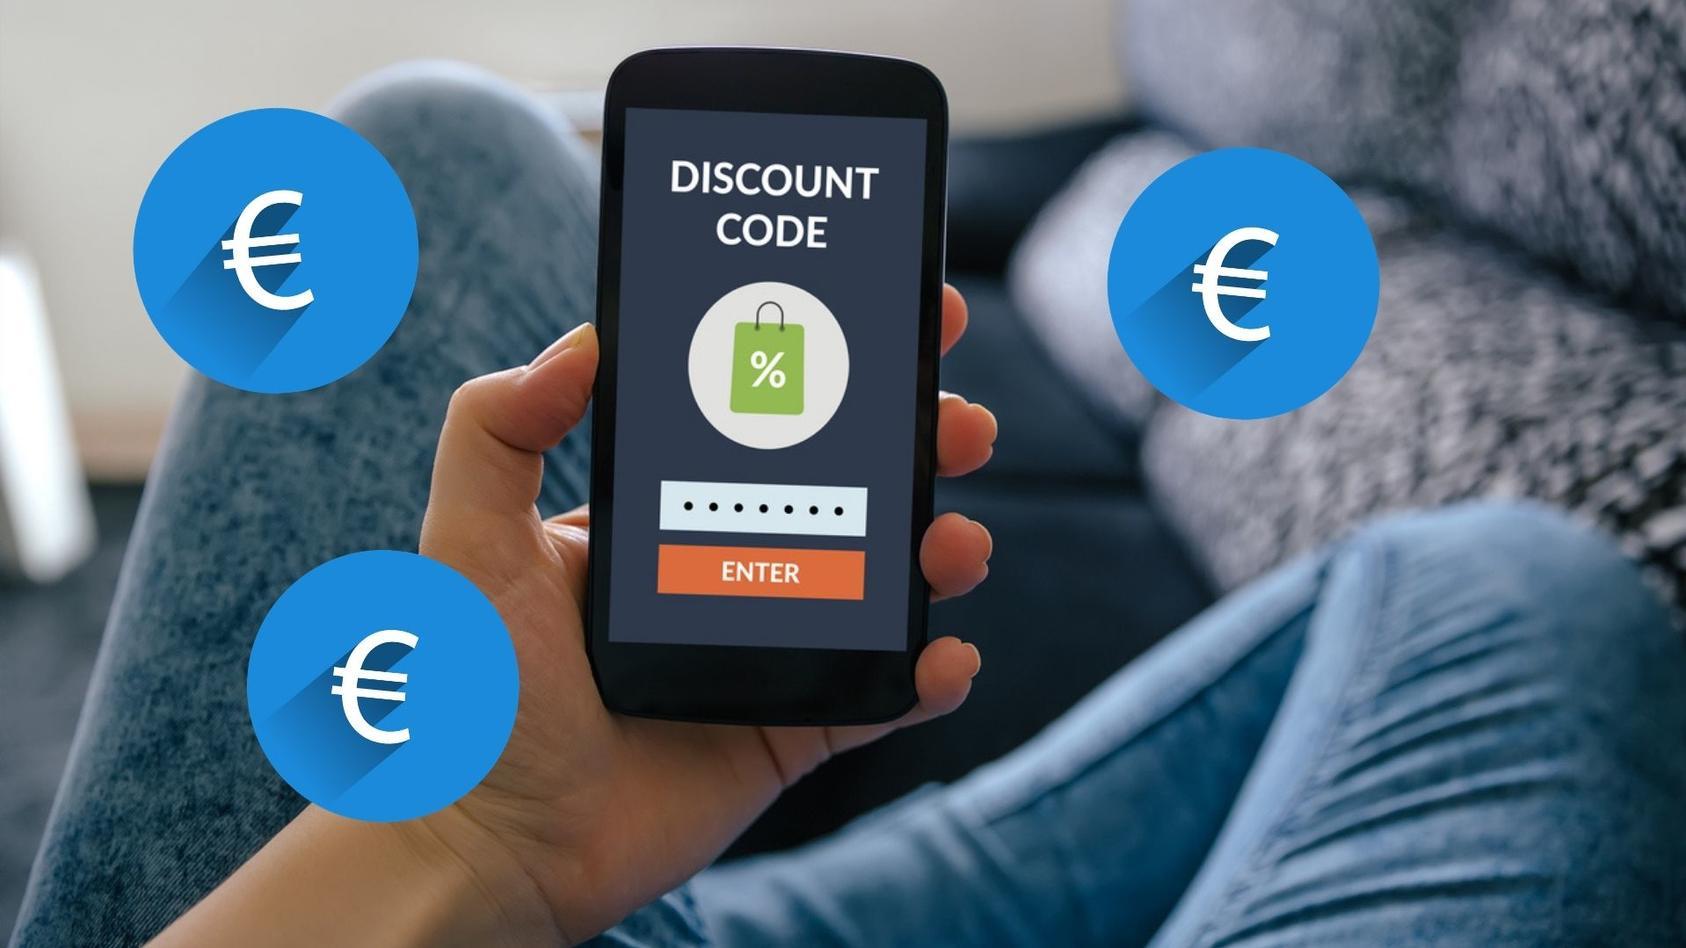 Mit Gutscheinen lässt sich in vielen Online-Shops wie Amazon & Co. Geld sparen.